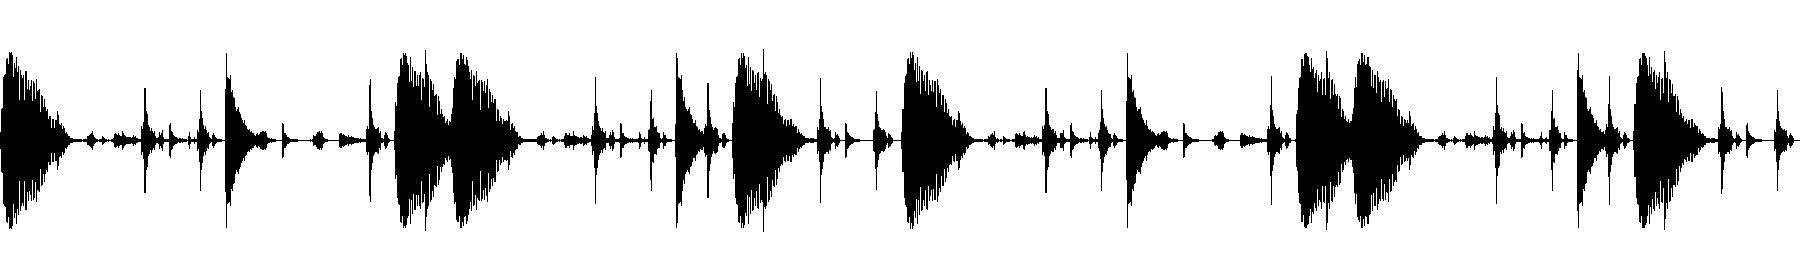 135 drumloop sp 15